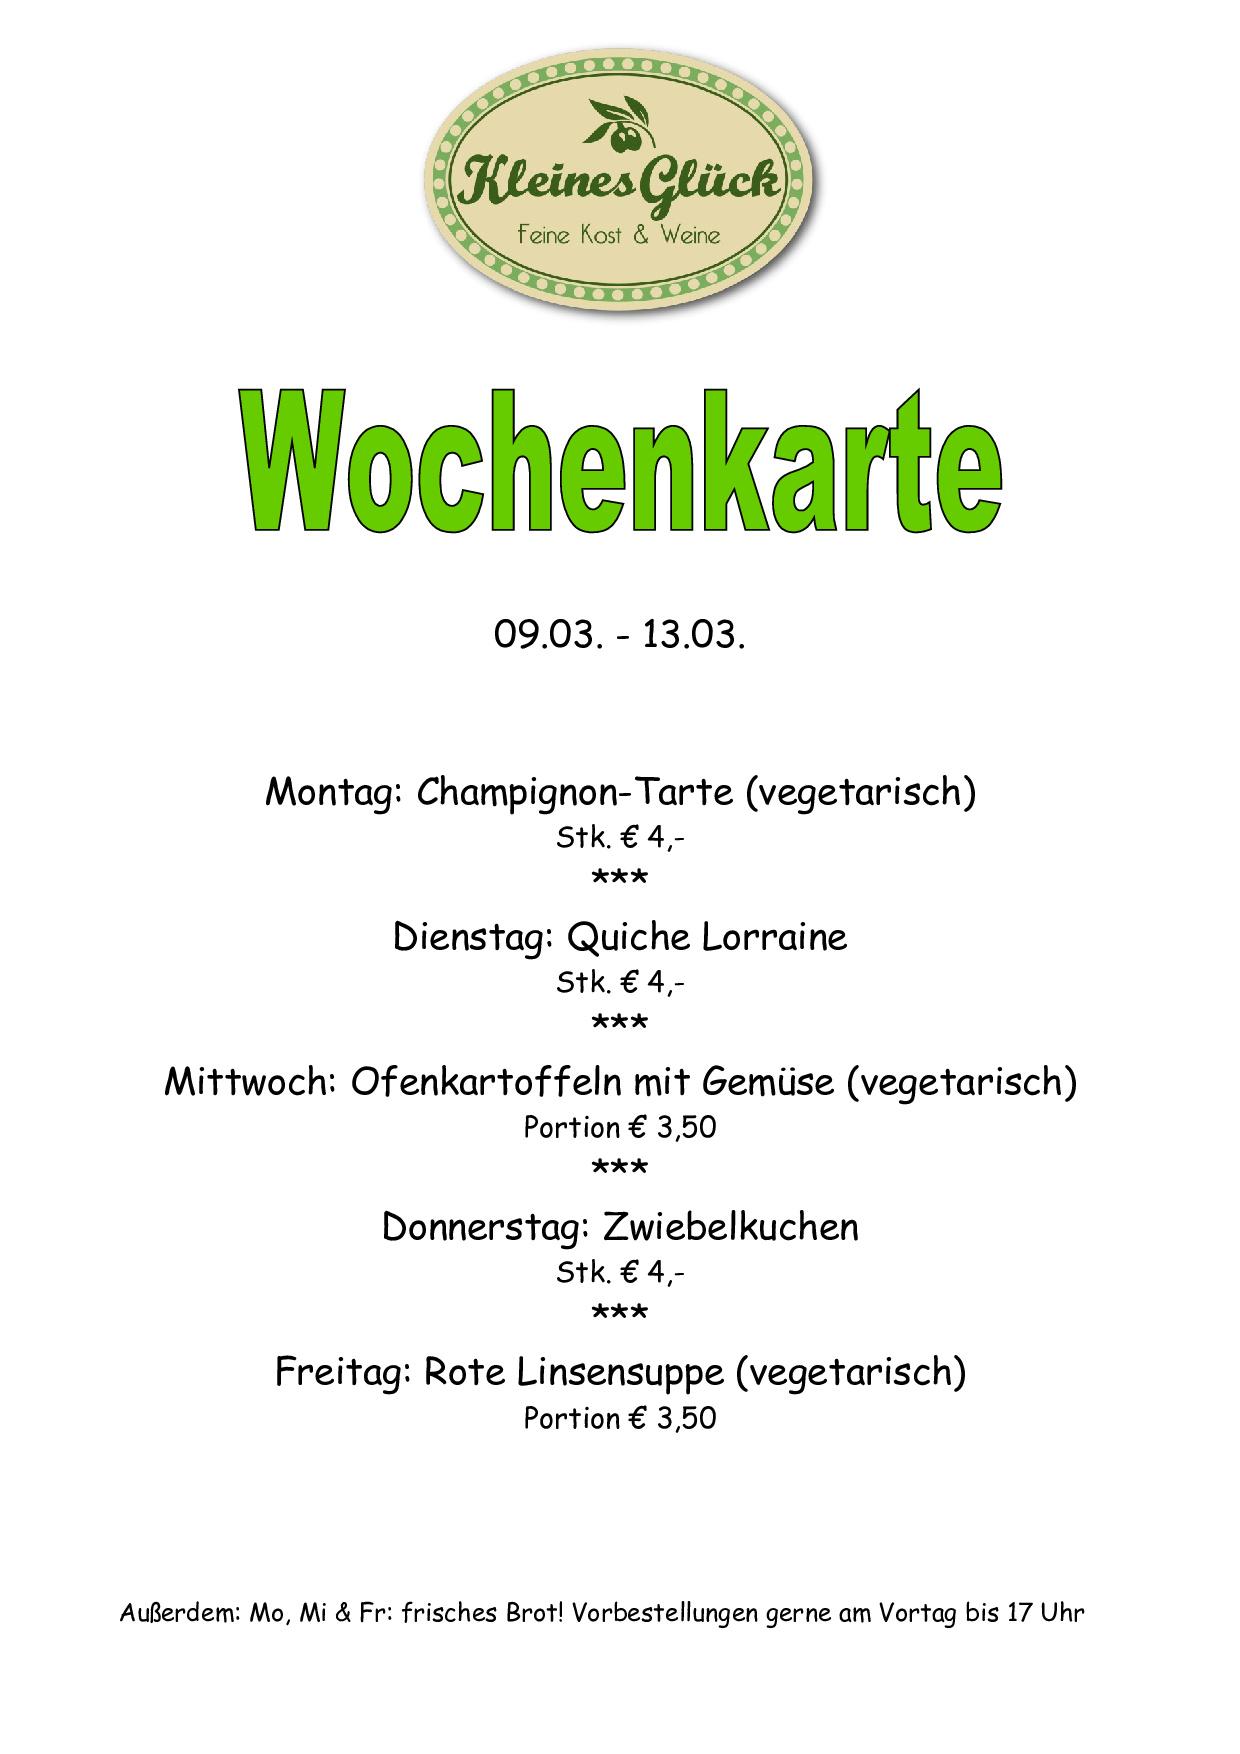 Wochenkarte_15-10